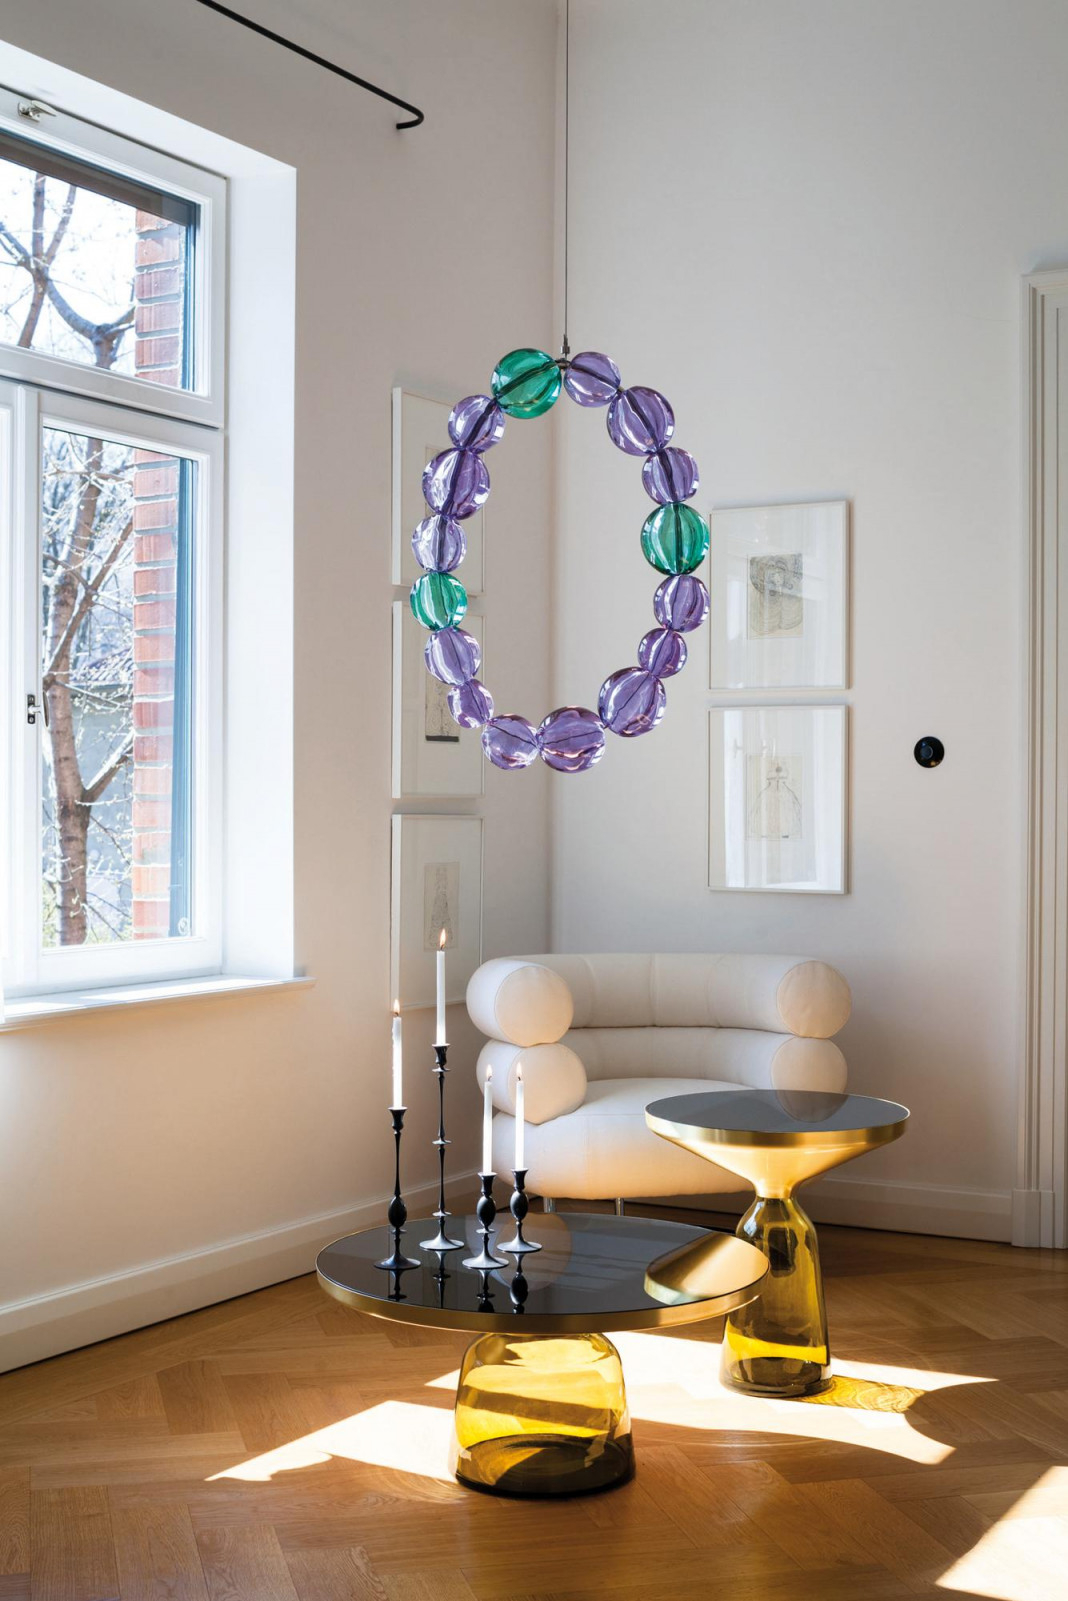 Glastische Und Hängedeko Im Wohnzimmer Couchtisch von Hänge Deko Wohnzimmer Photo